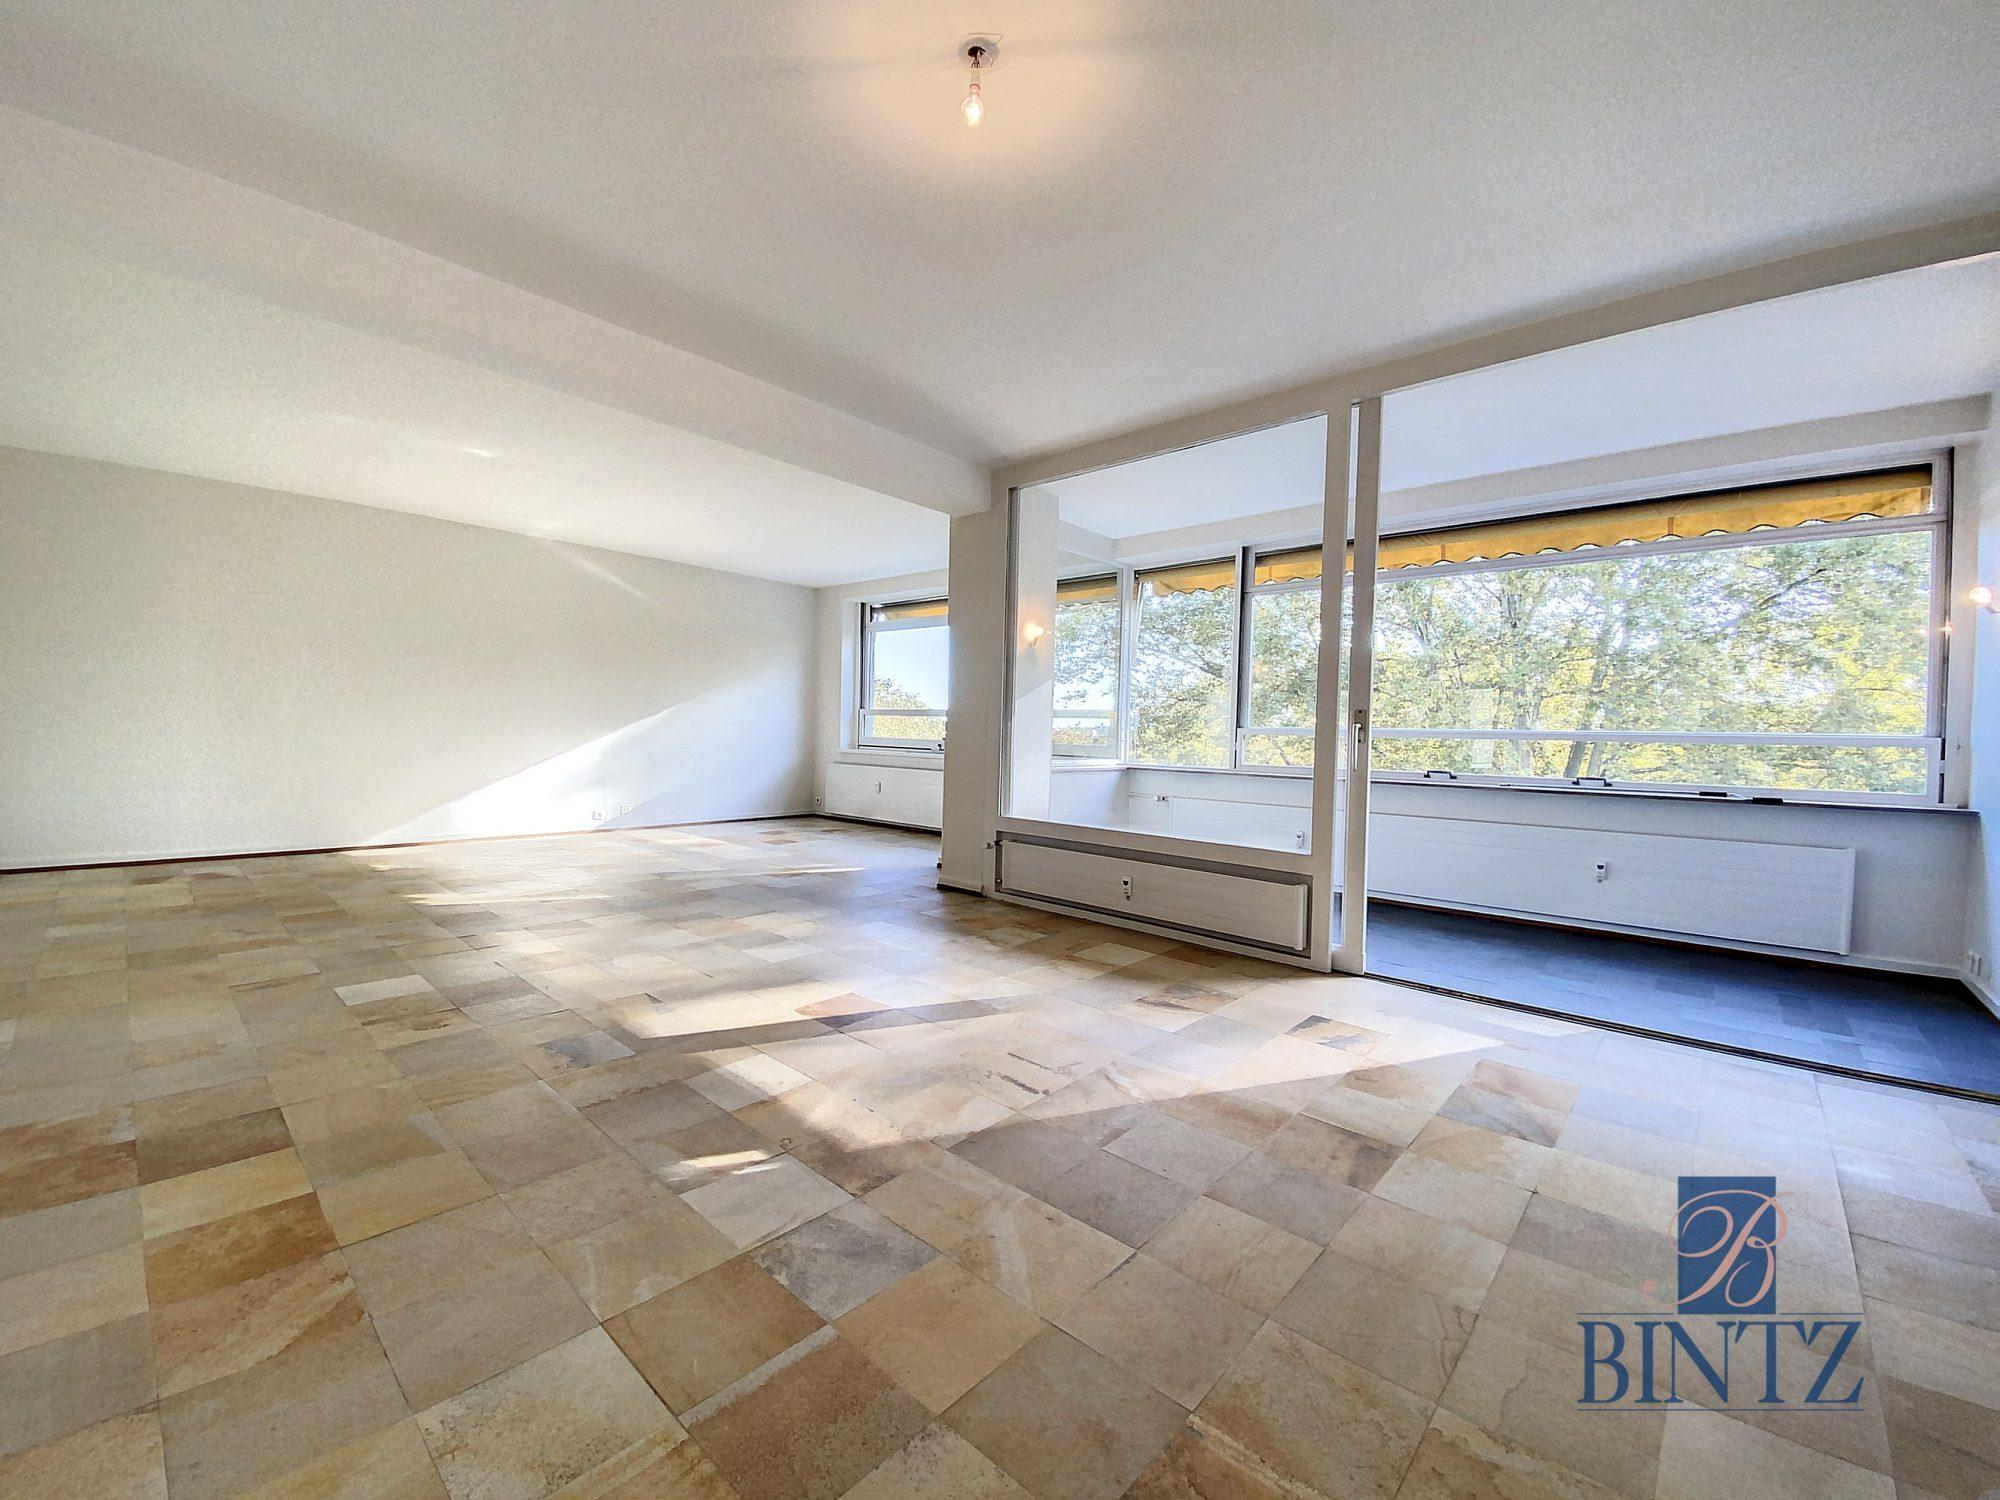 5-6 PIÈCES QUARTIER CONTADES - Devenez locataire en toute sérénité - Bintz Immobilier - 12